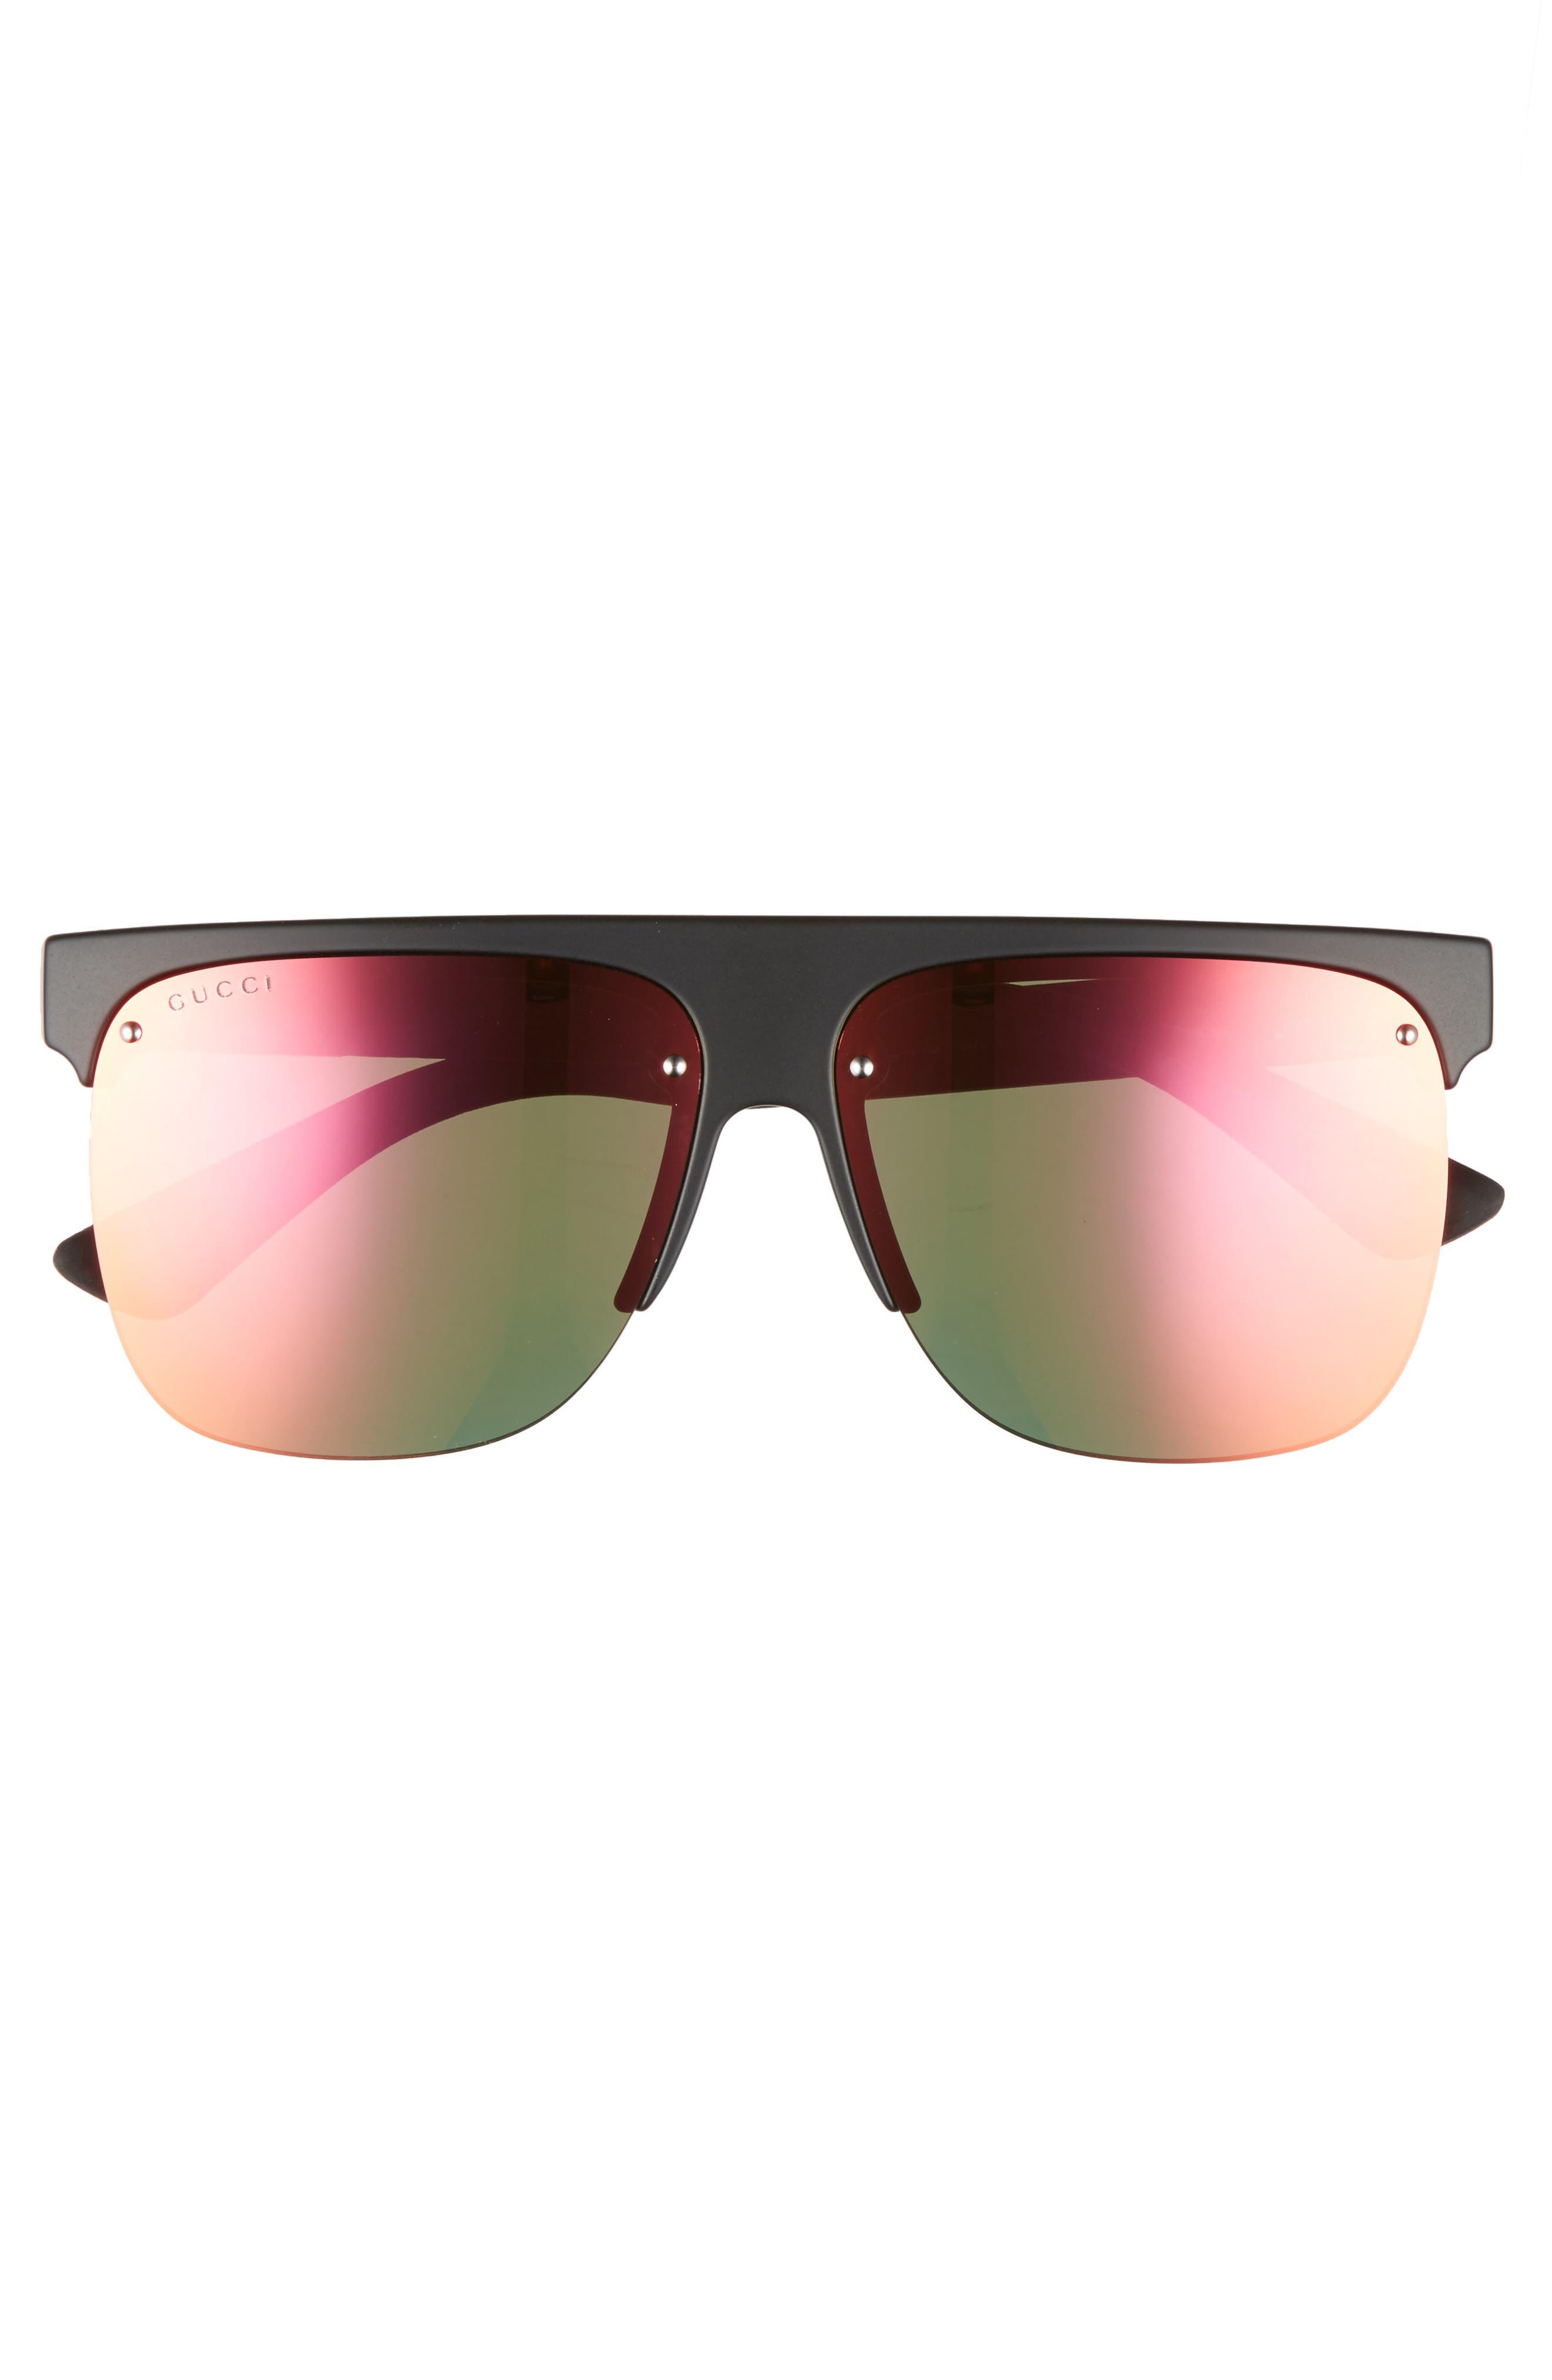 60mm Semi Rimless Polarized Sunglasses,                             Alternate thumbnail 2, color,                             001